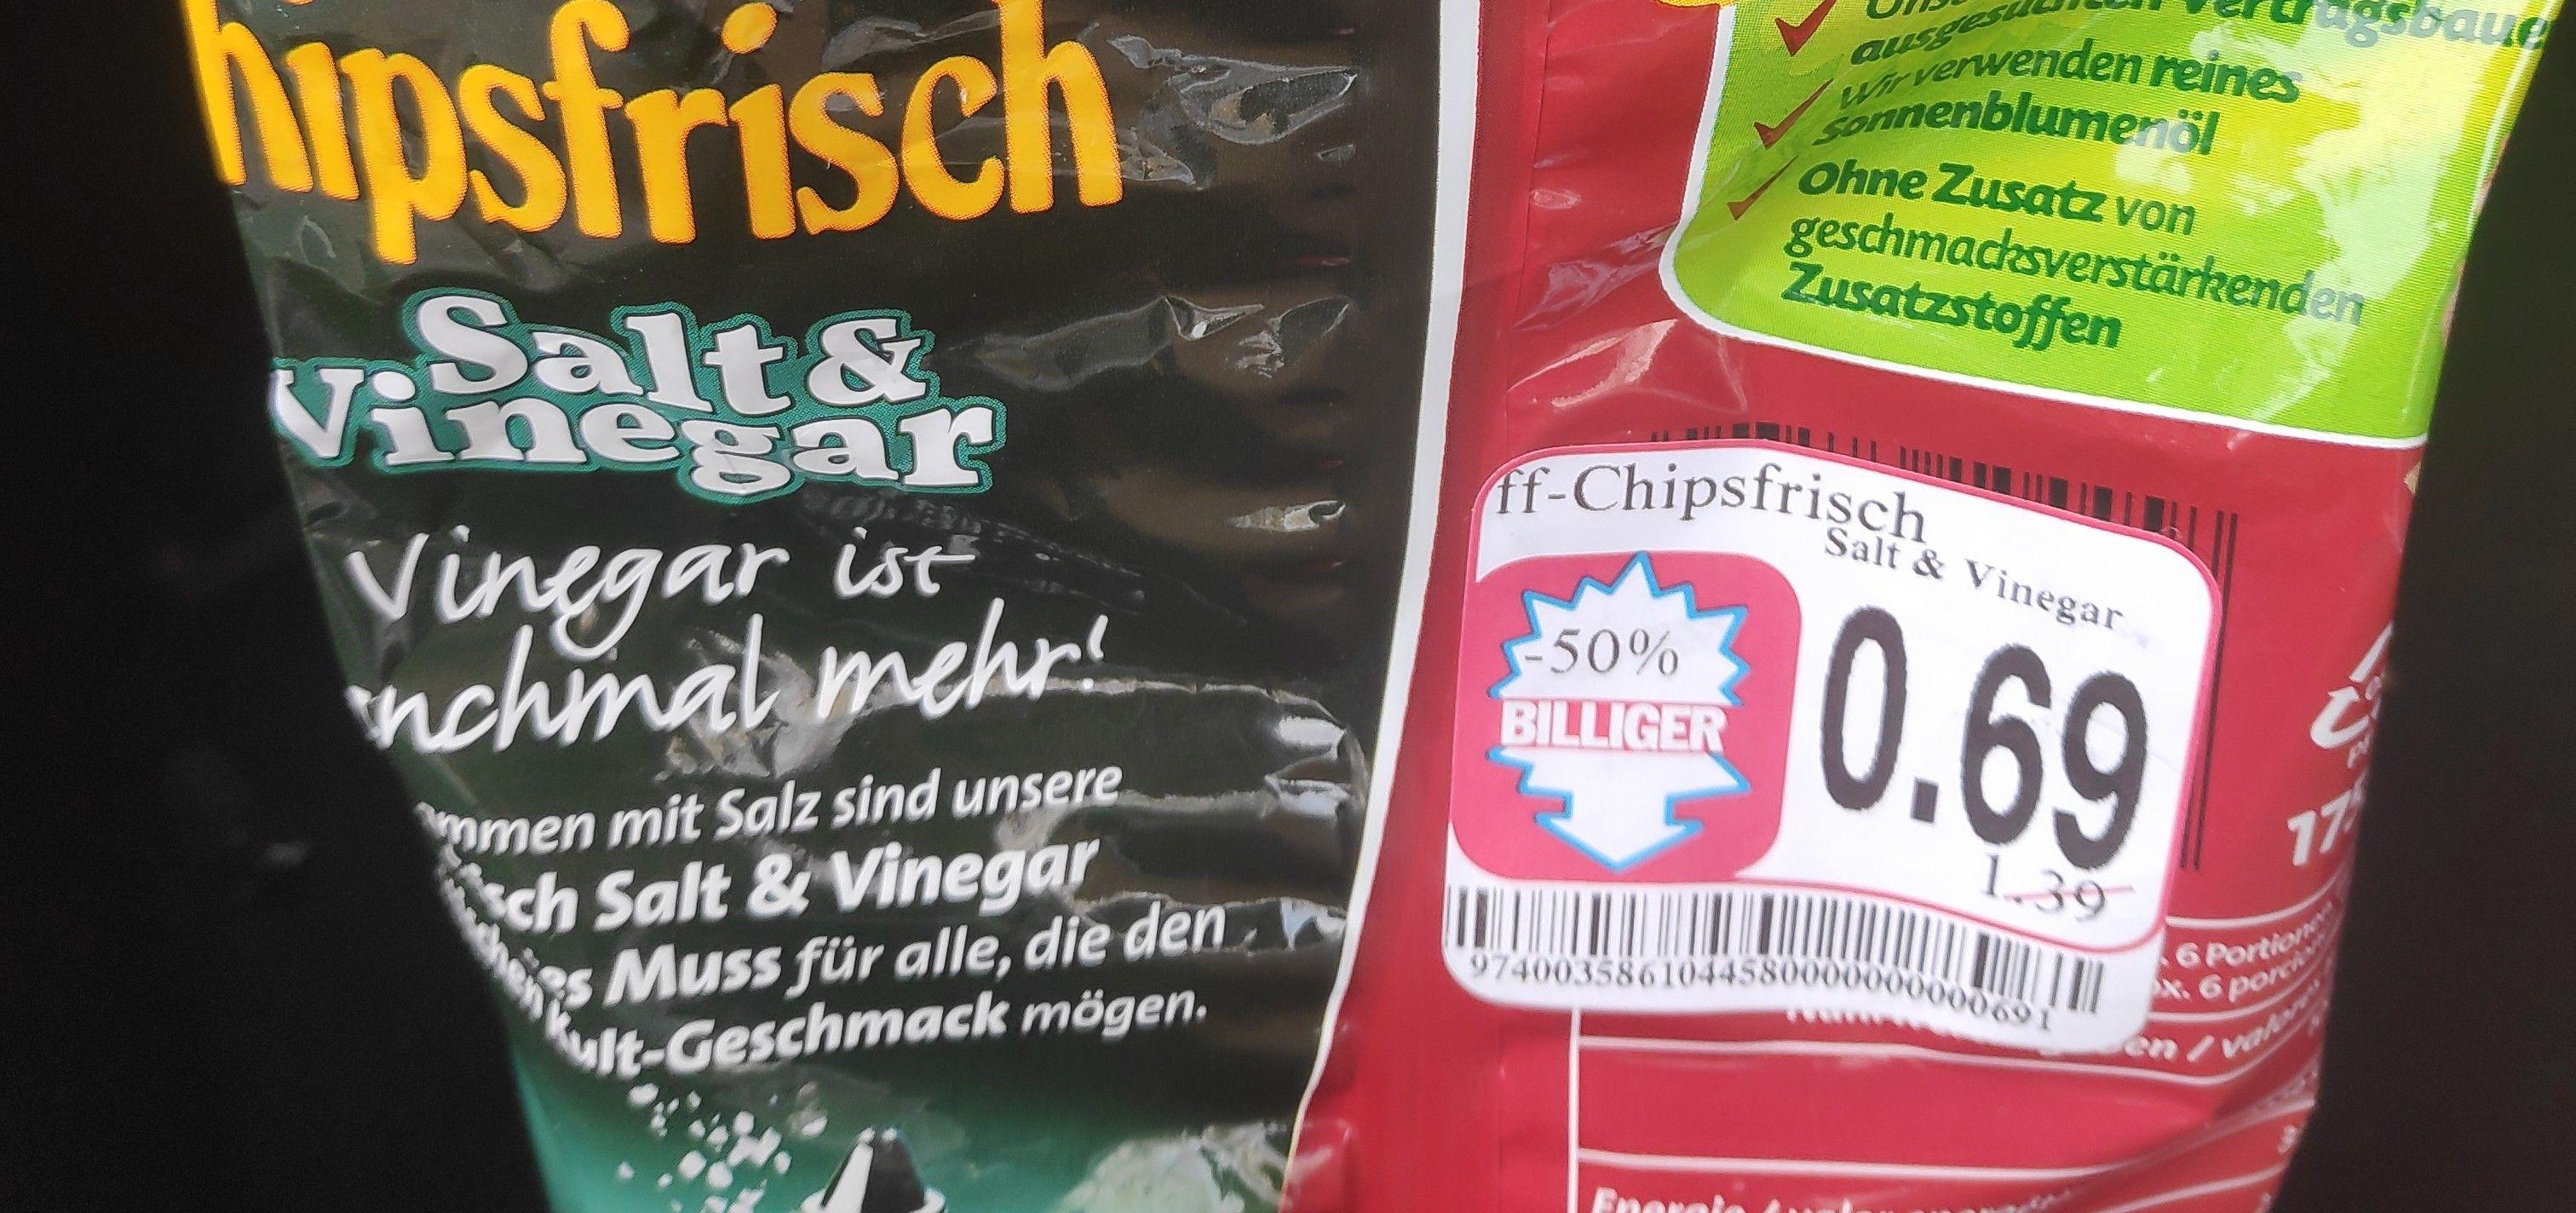 [Lokal Koblenz] Funny-Frisch Chips Salt & Vinegar MHD